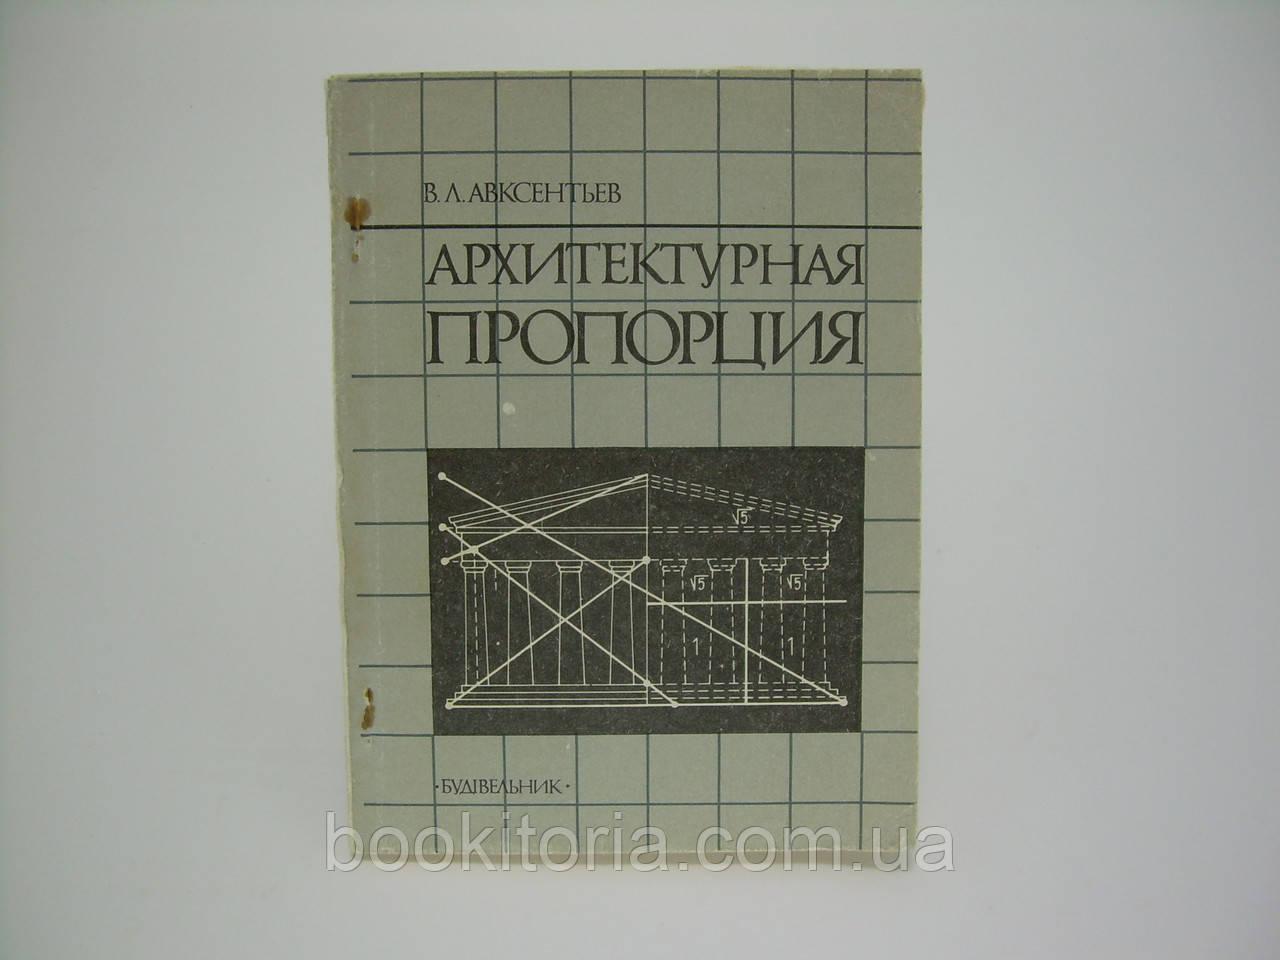 Авксентьев В.Л. Архитектурная пропорция (б/у).